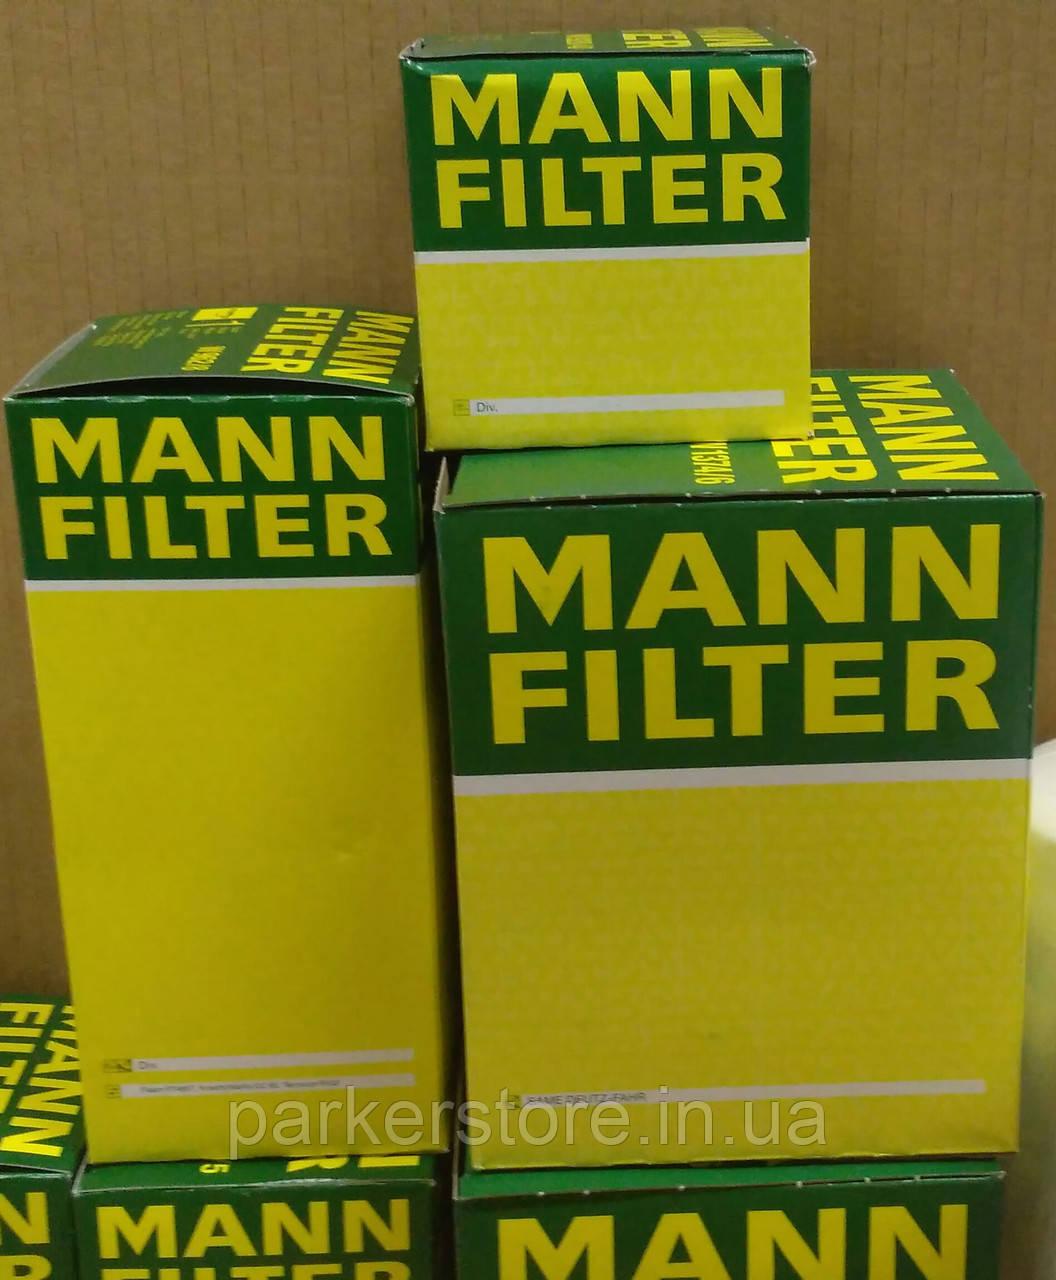 MANN FILTER / Повітряний фільтр / C 17 008 / C17008